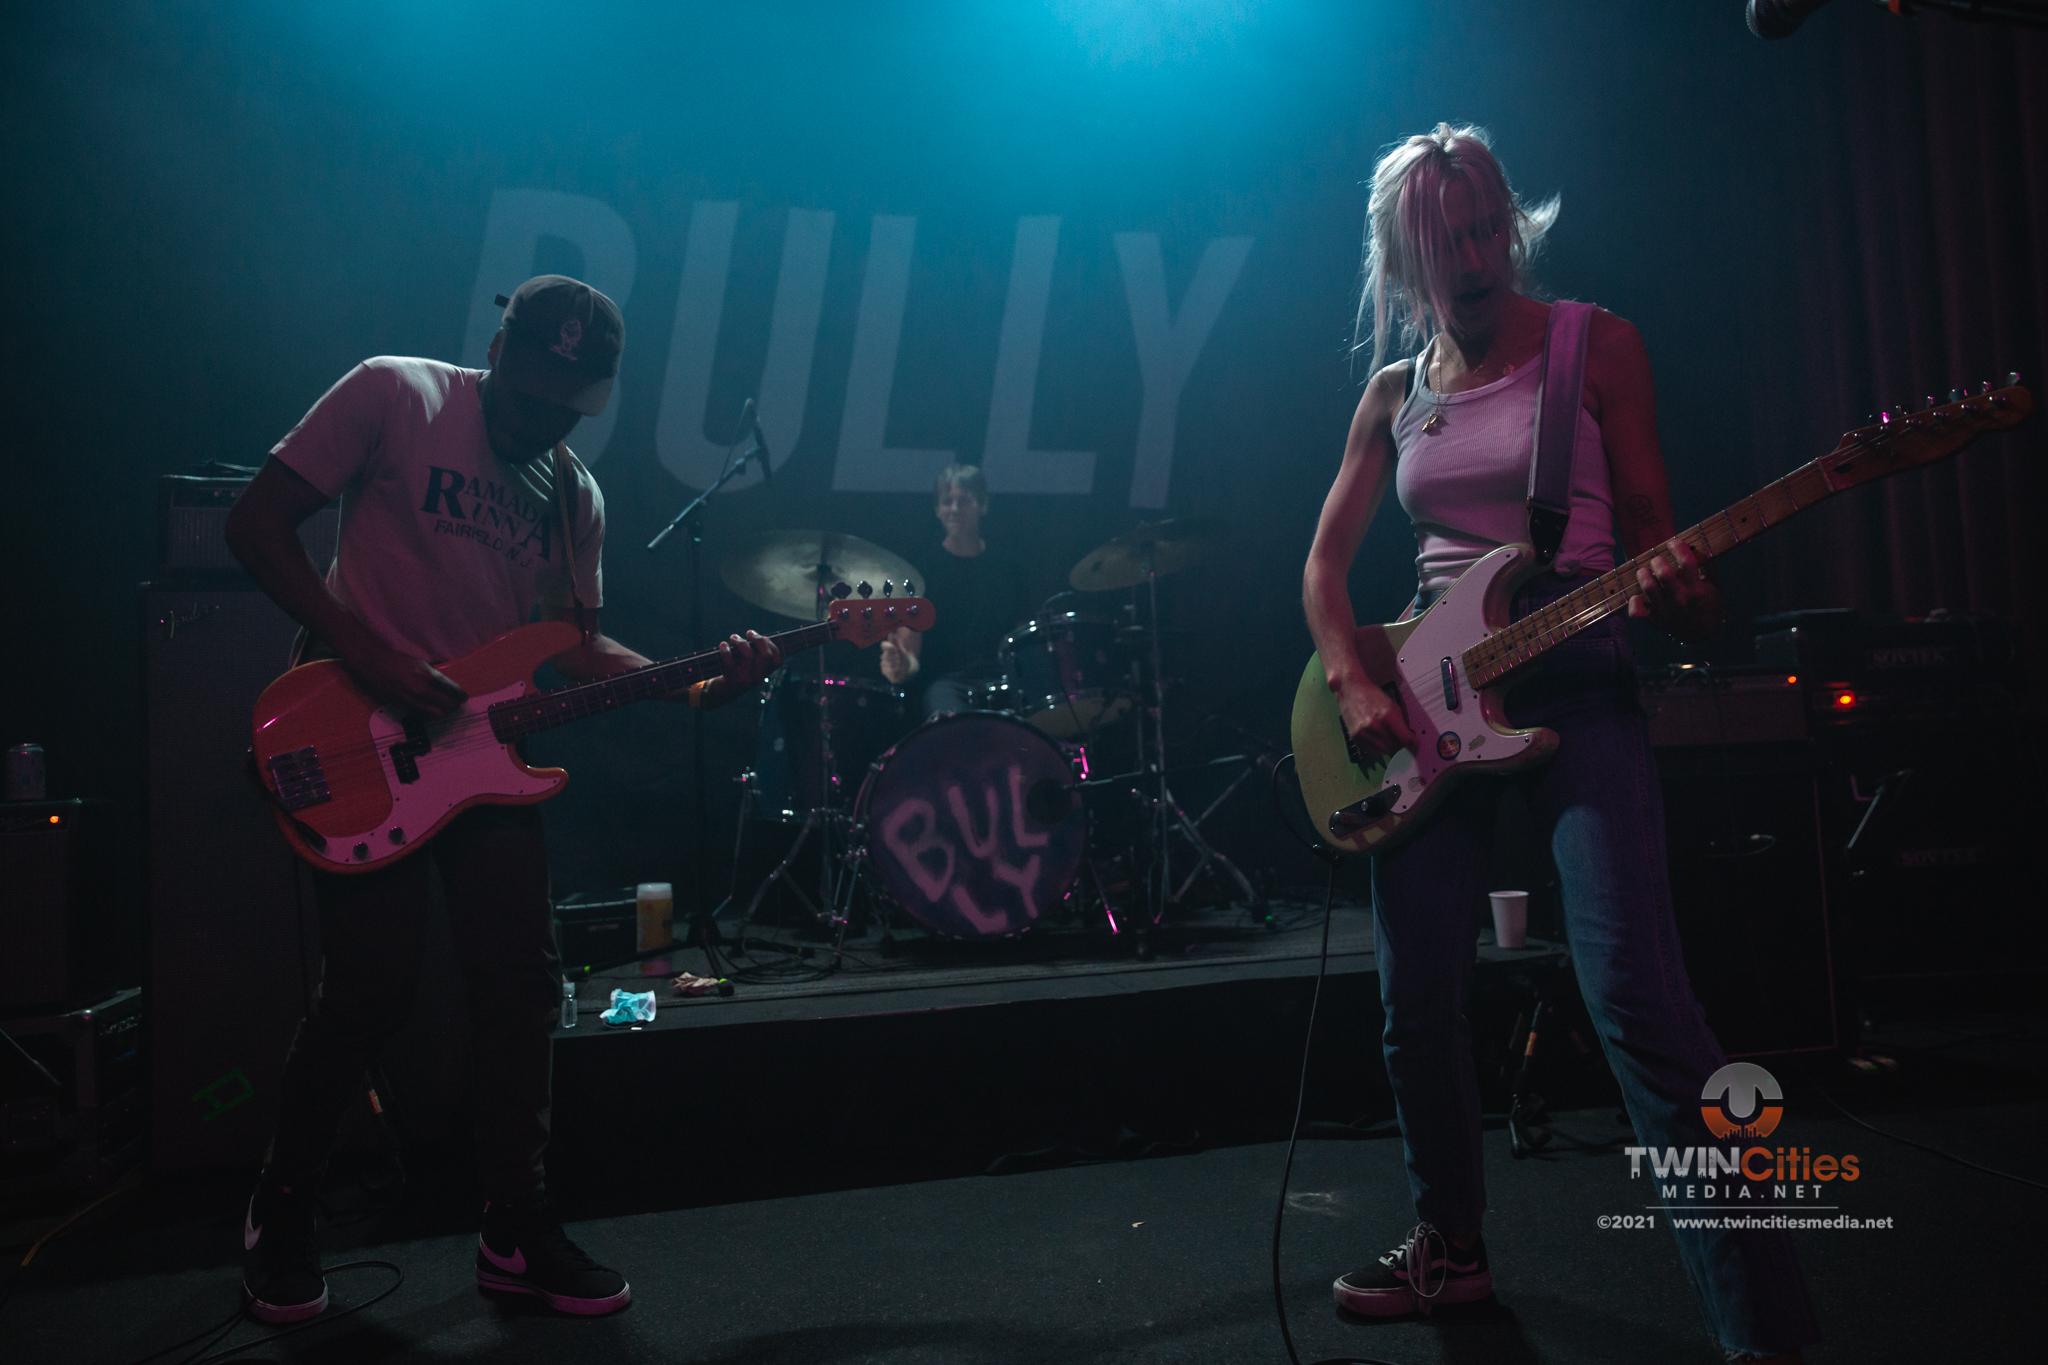 Bully7